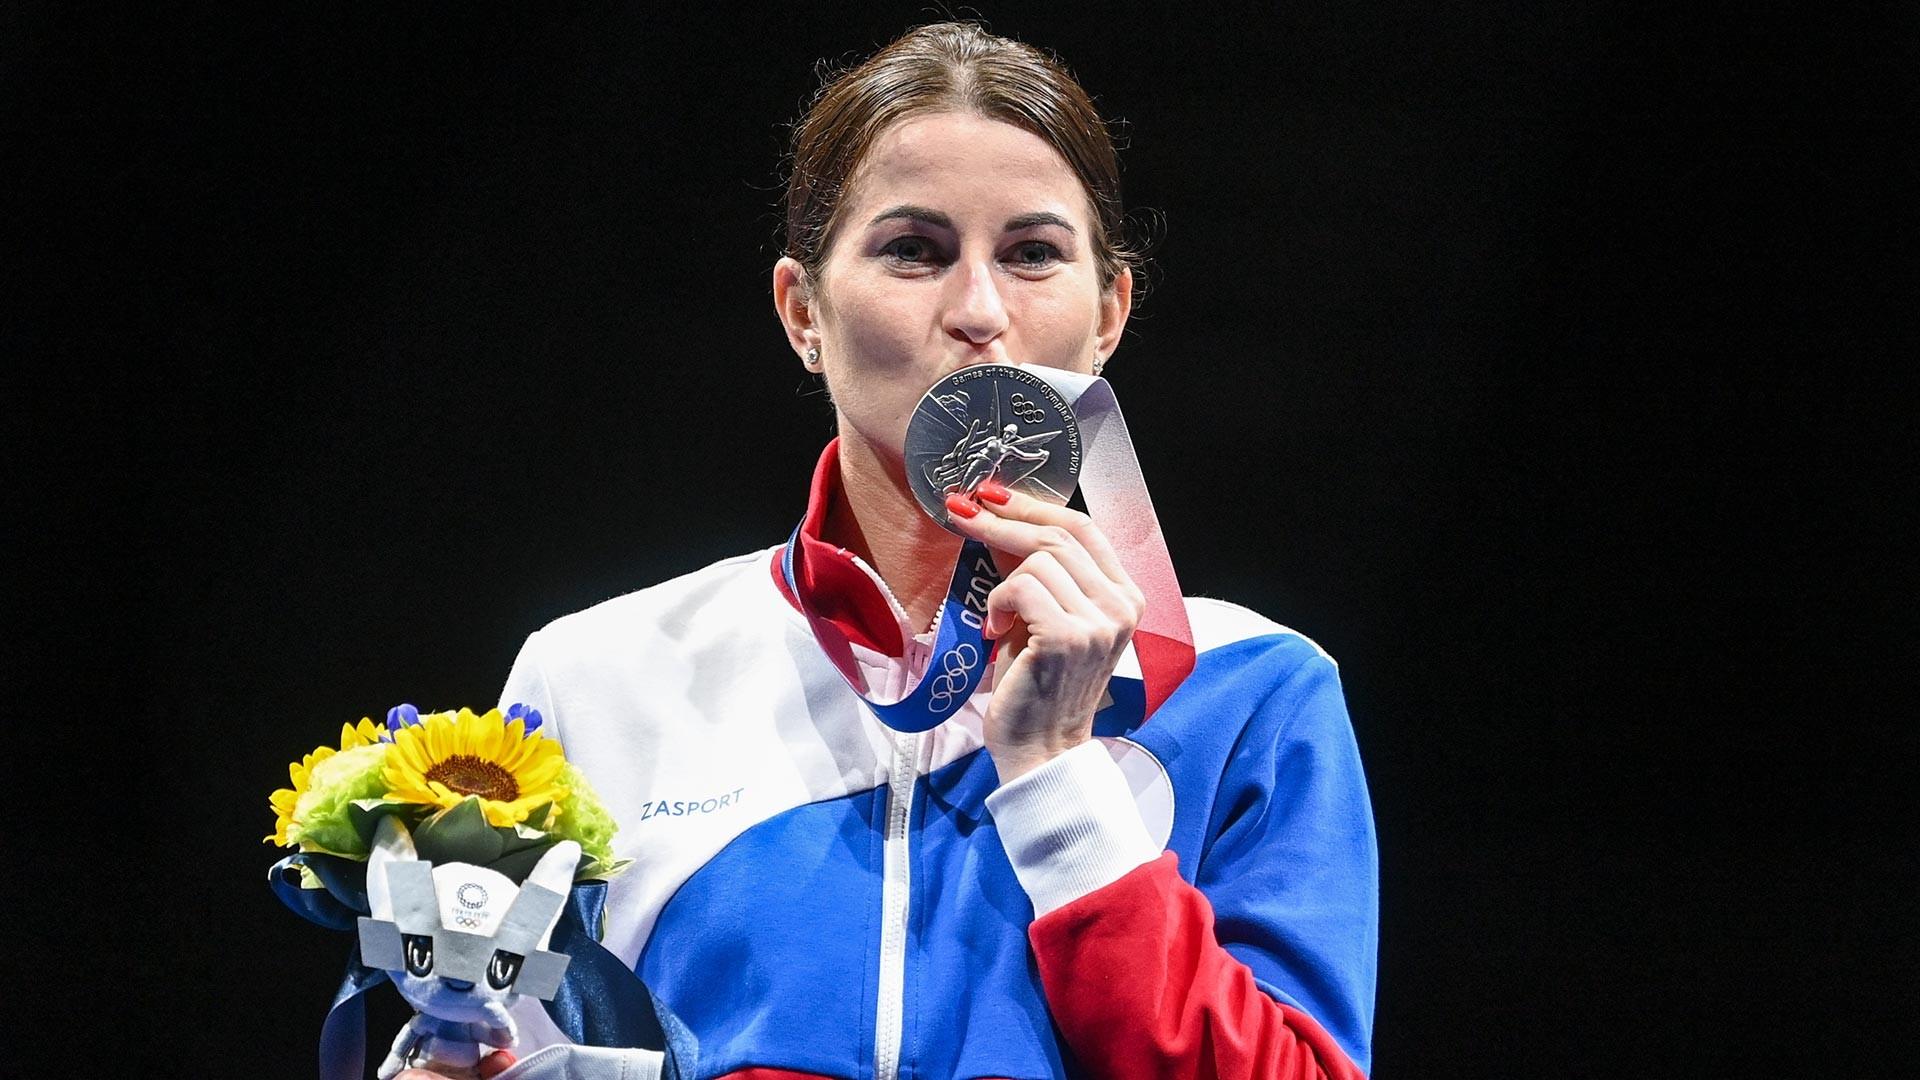 Atlet Rusia Inna Deriglazova, anggota tim nasional Rusia (tim ROC), memenangkan medali perak dalam pertandingan anggar putri pada Olimpiade Tokyo 2020.